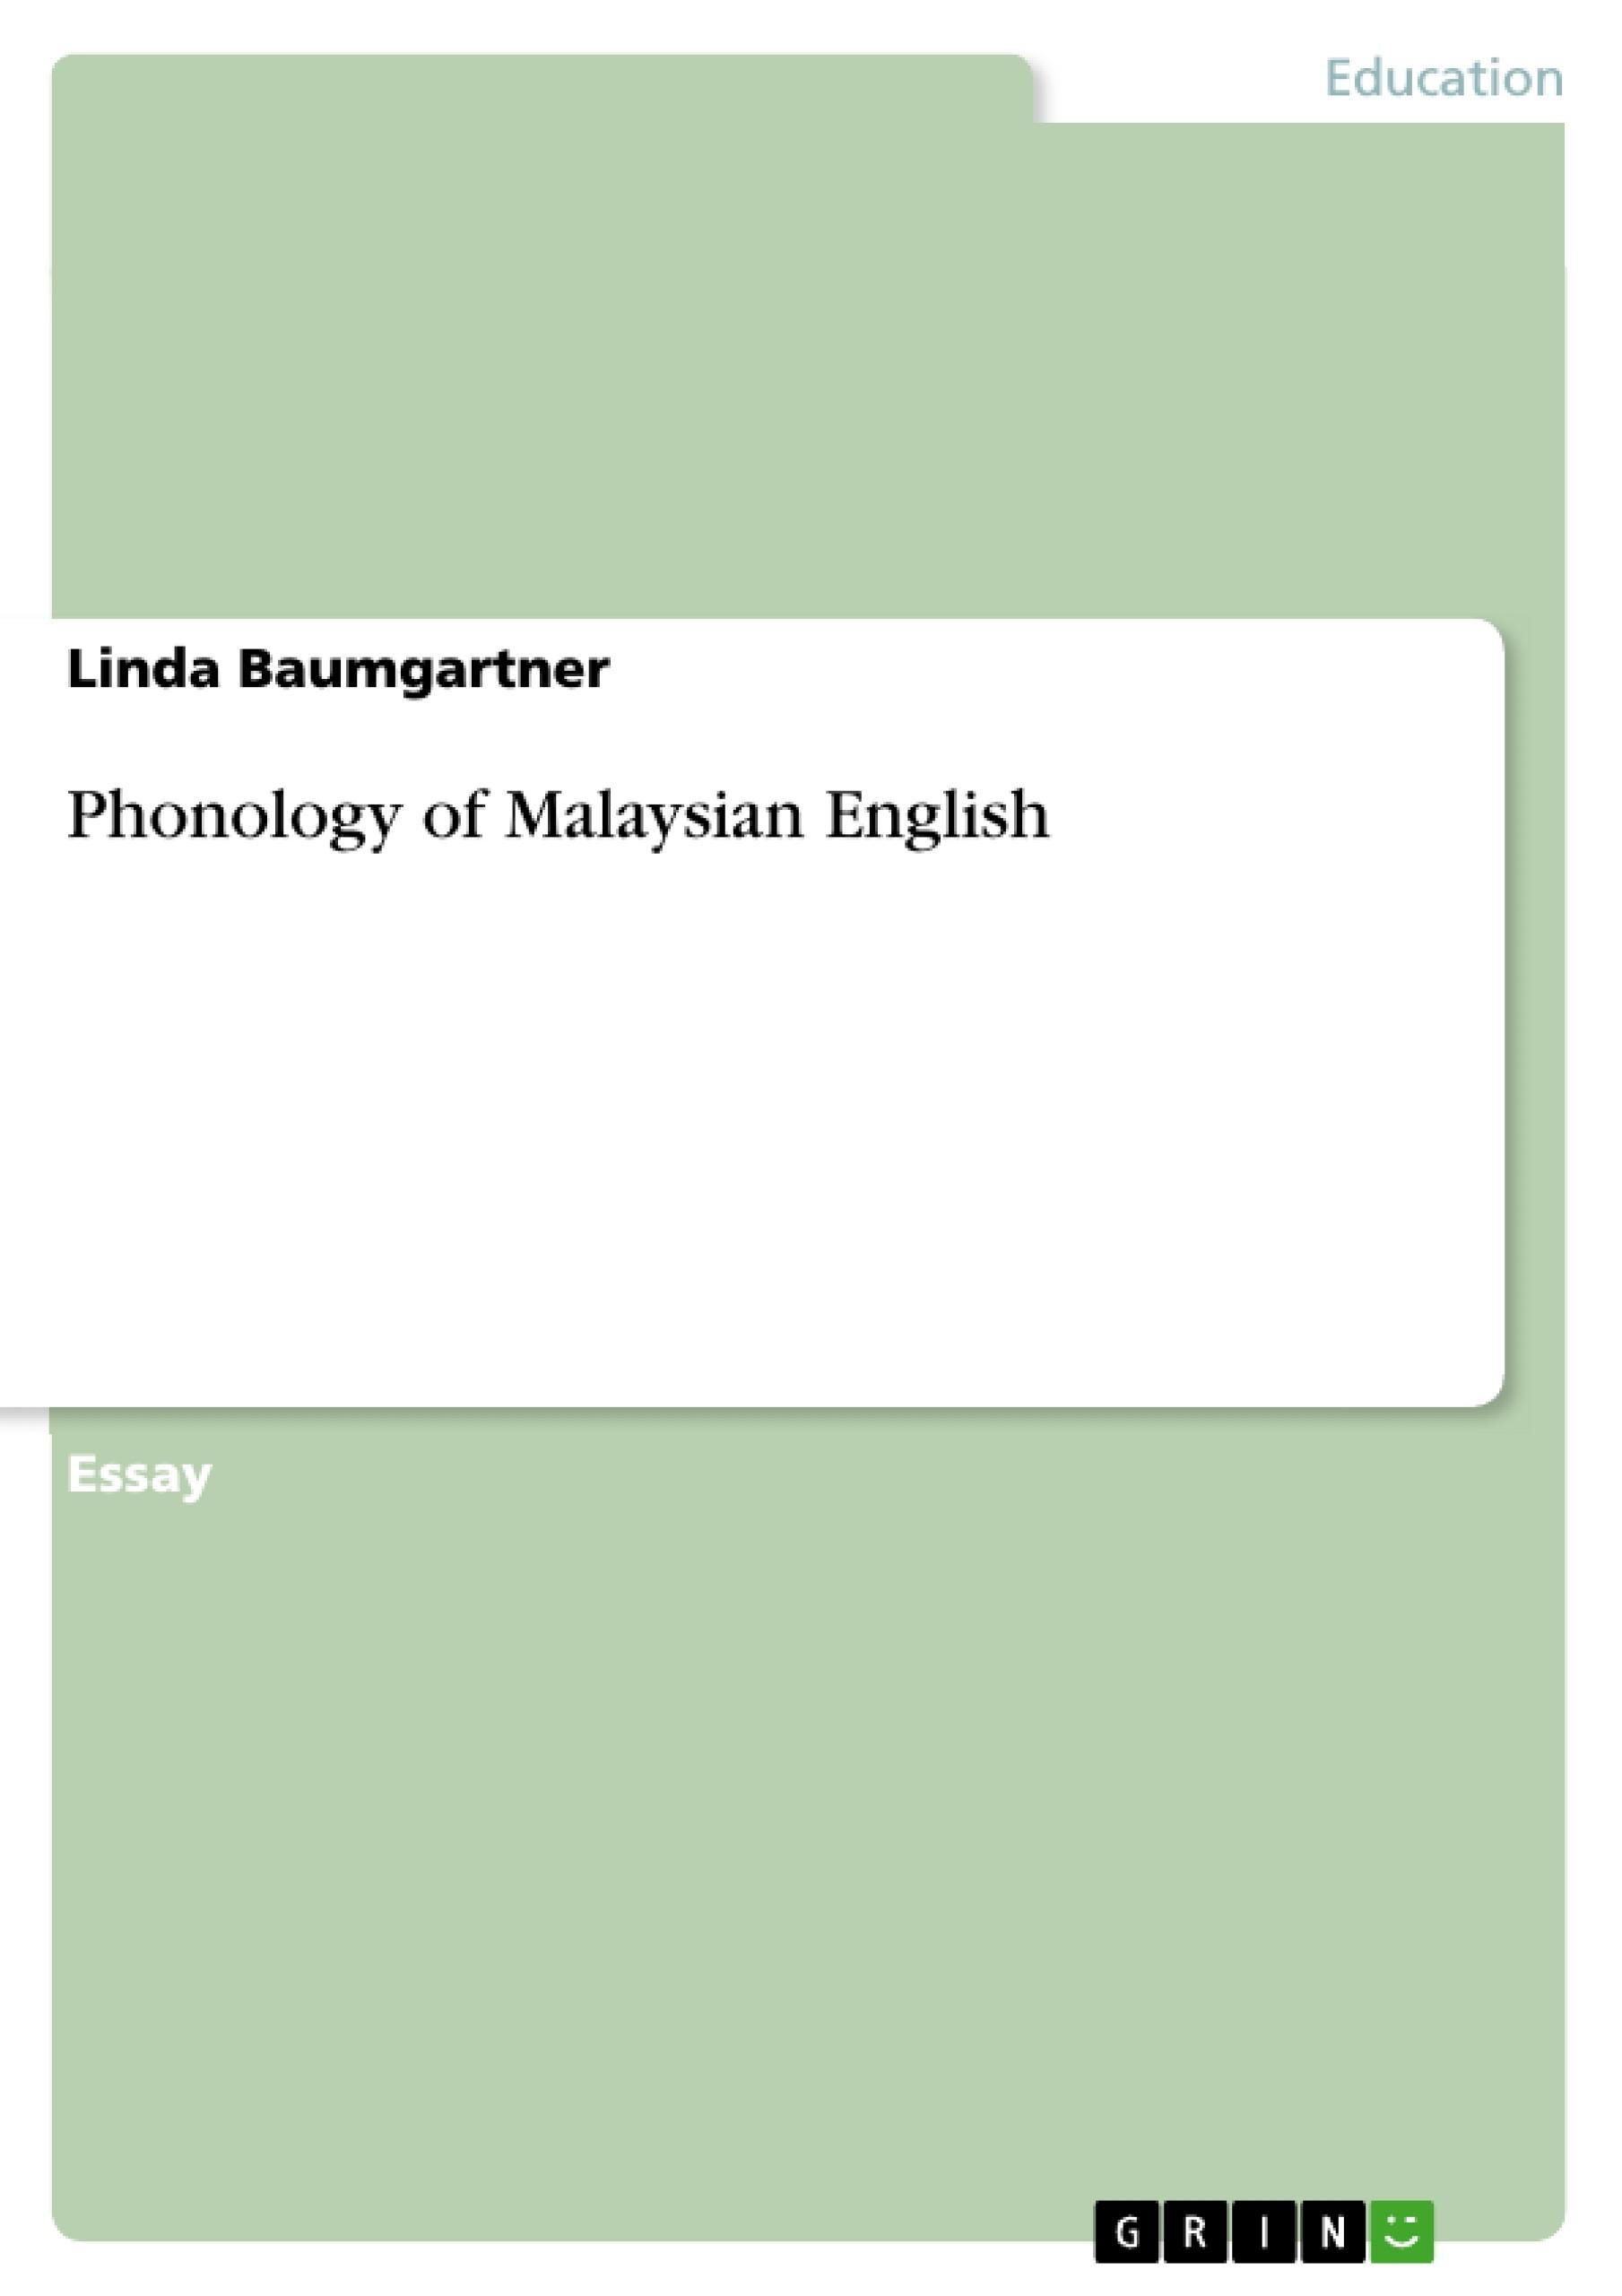 Title: Phonology of Malaysian English